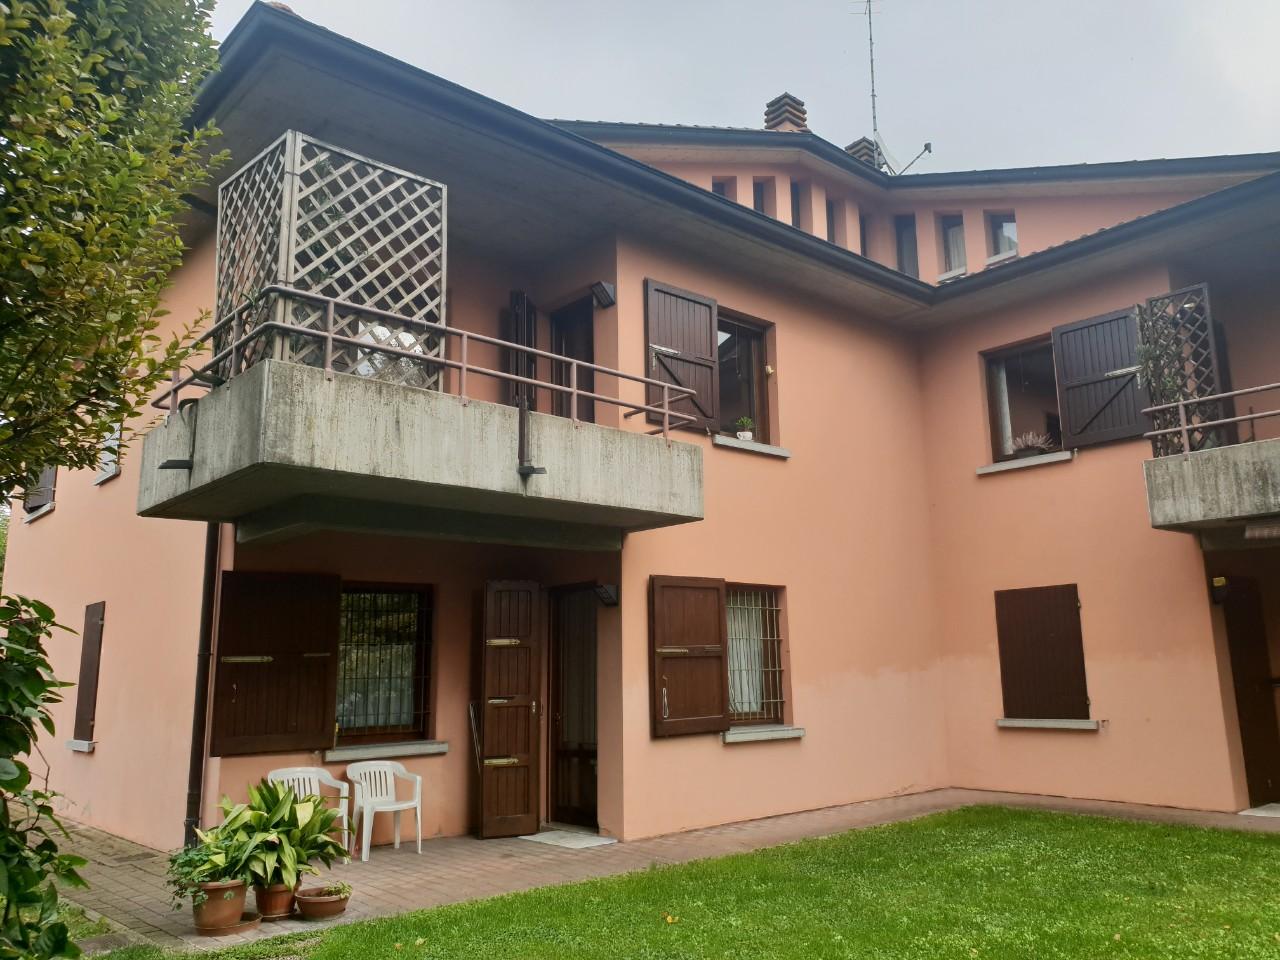 Villa Bifamiliare in vendita Reggio Emilia Zona Pieve Modolena